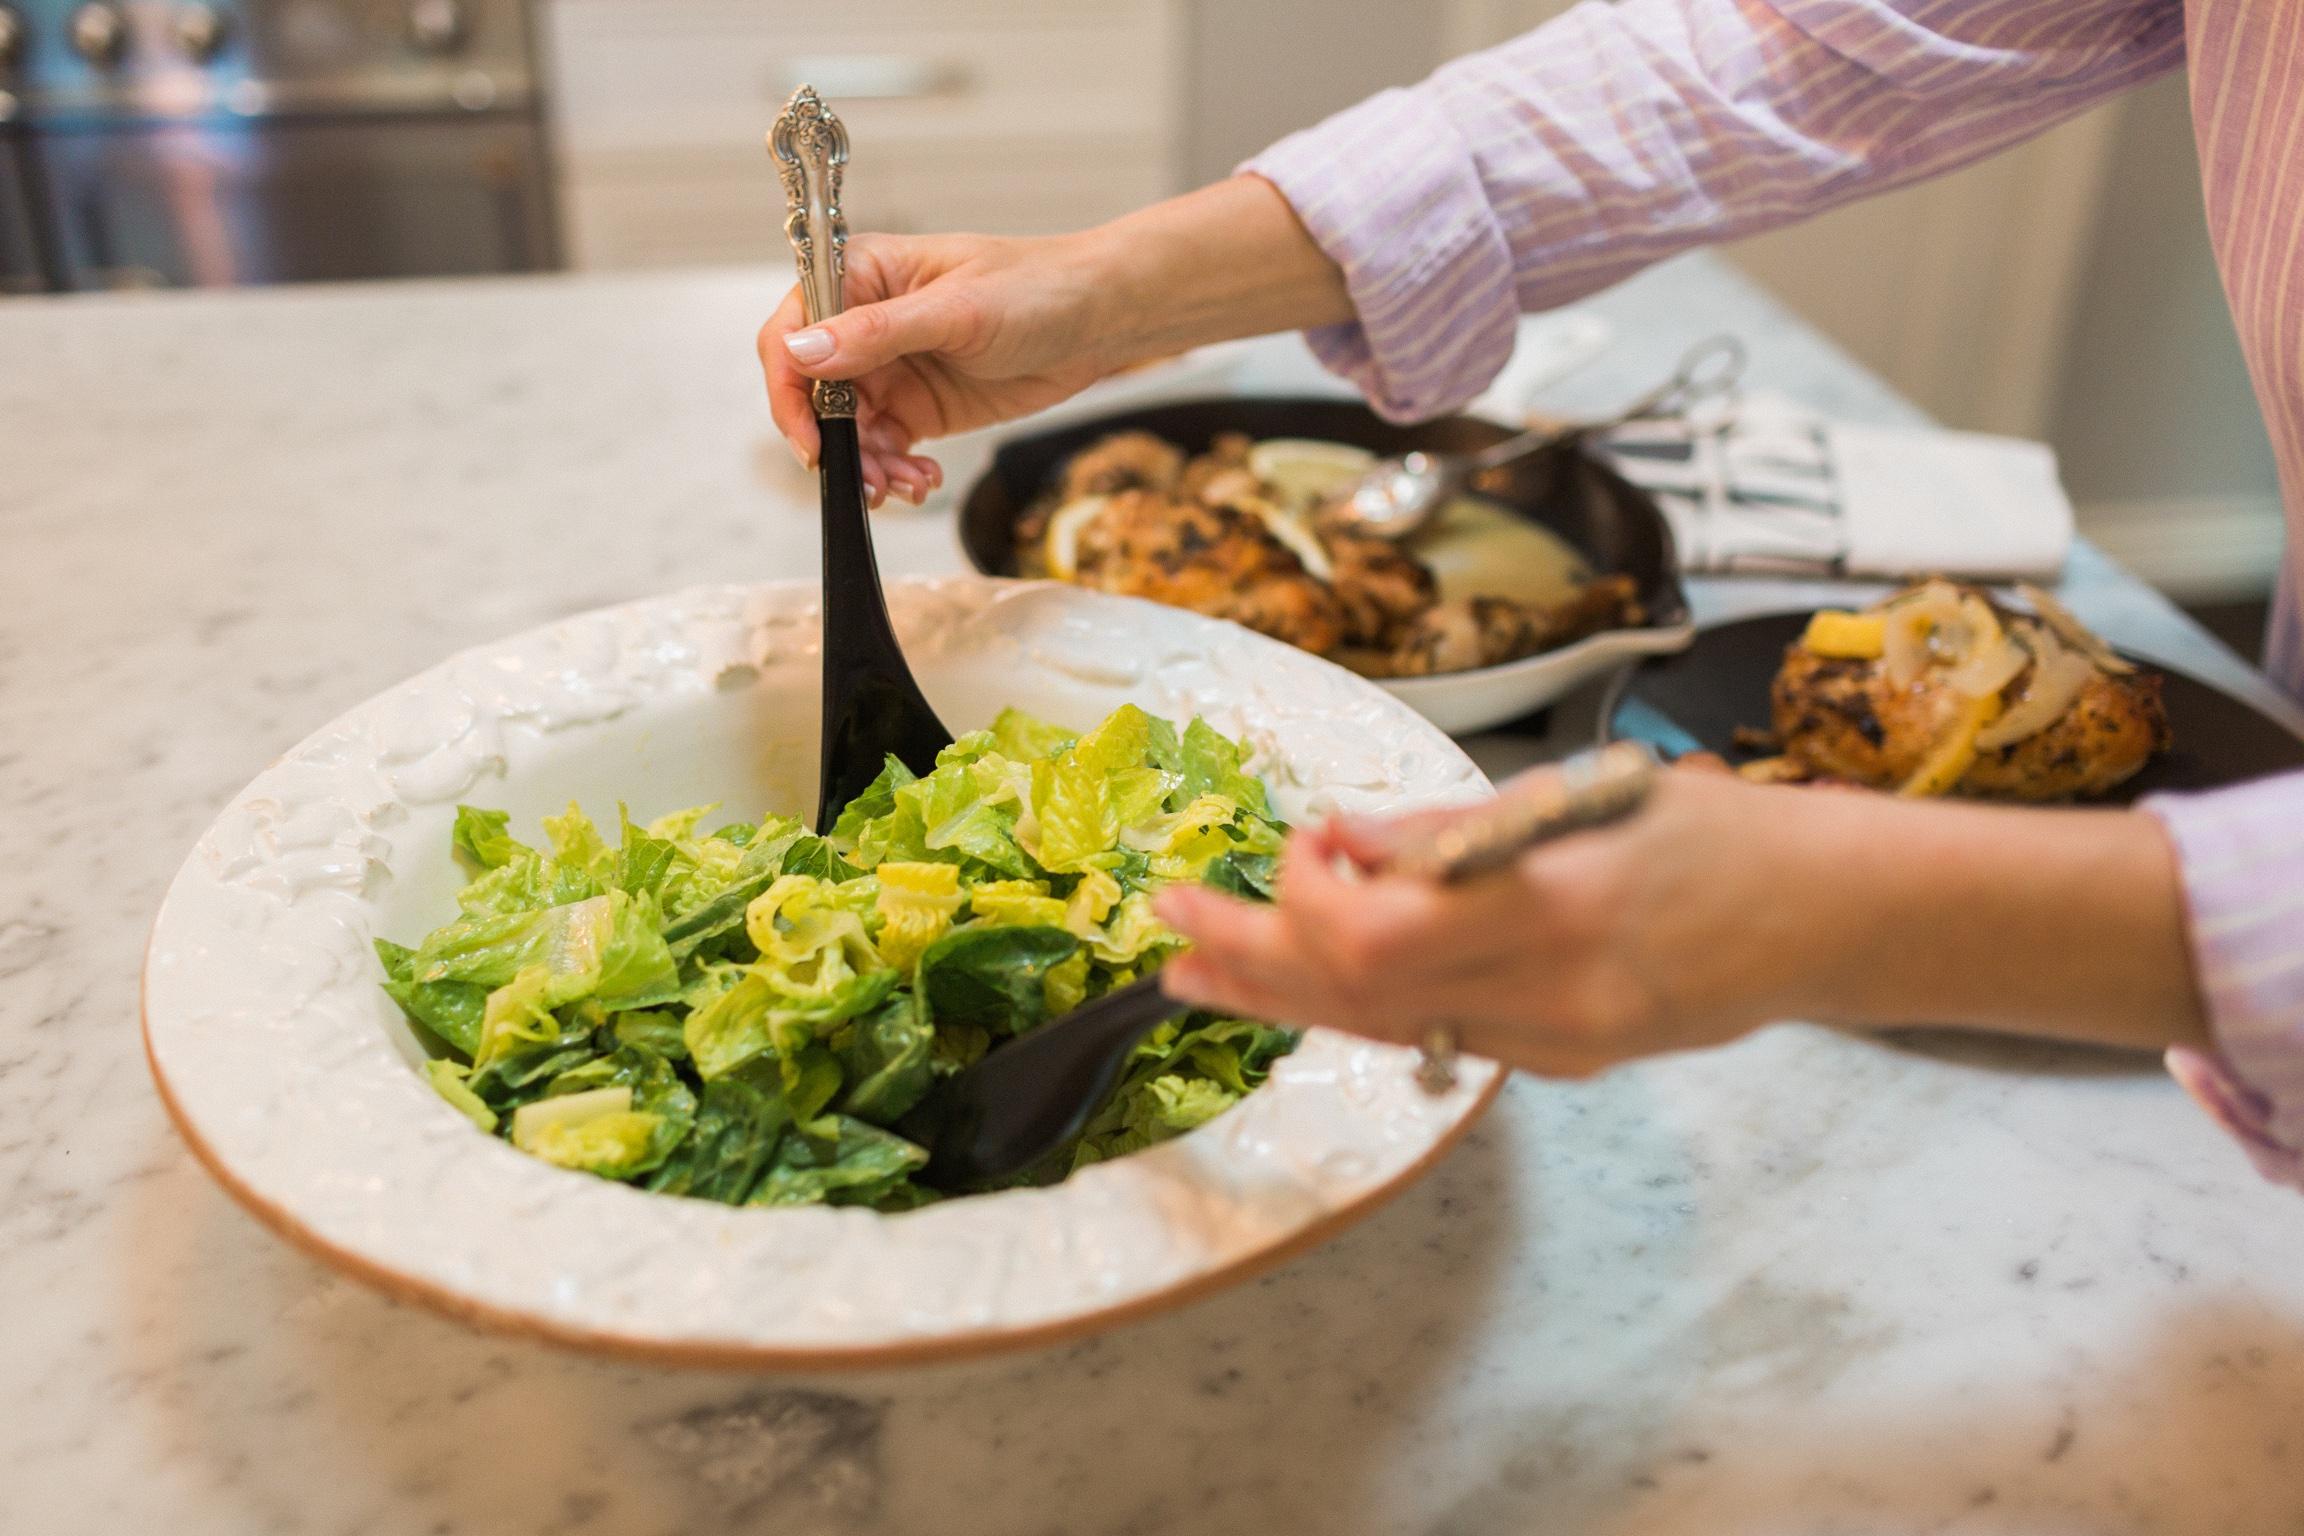 Easy Salad with Lemon Dijon Vinaigrette